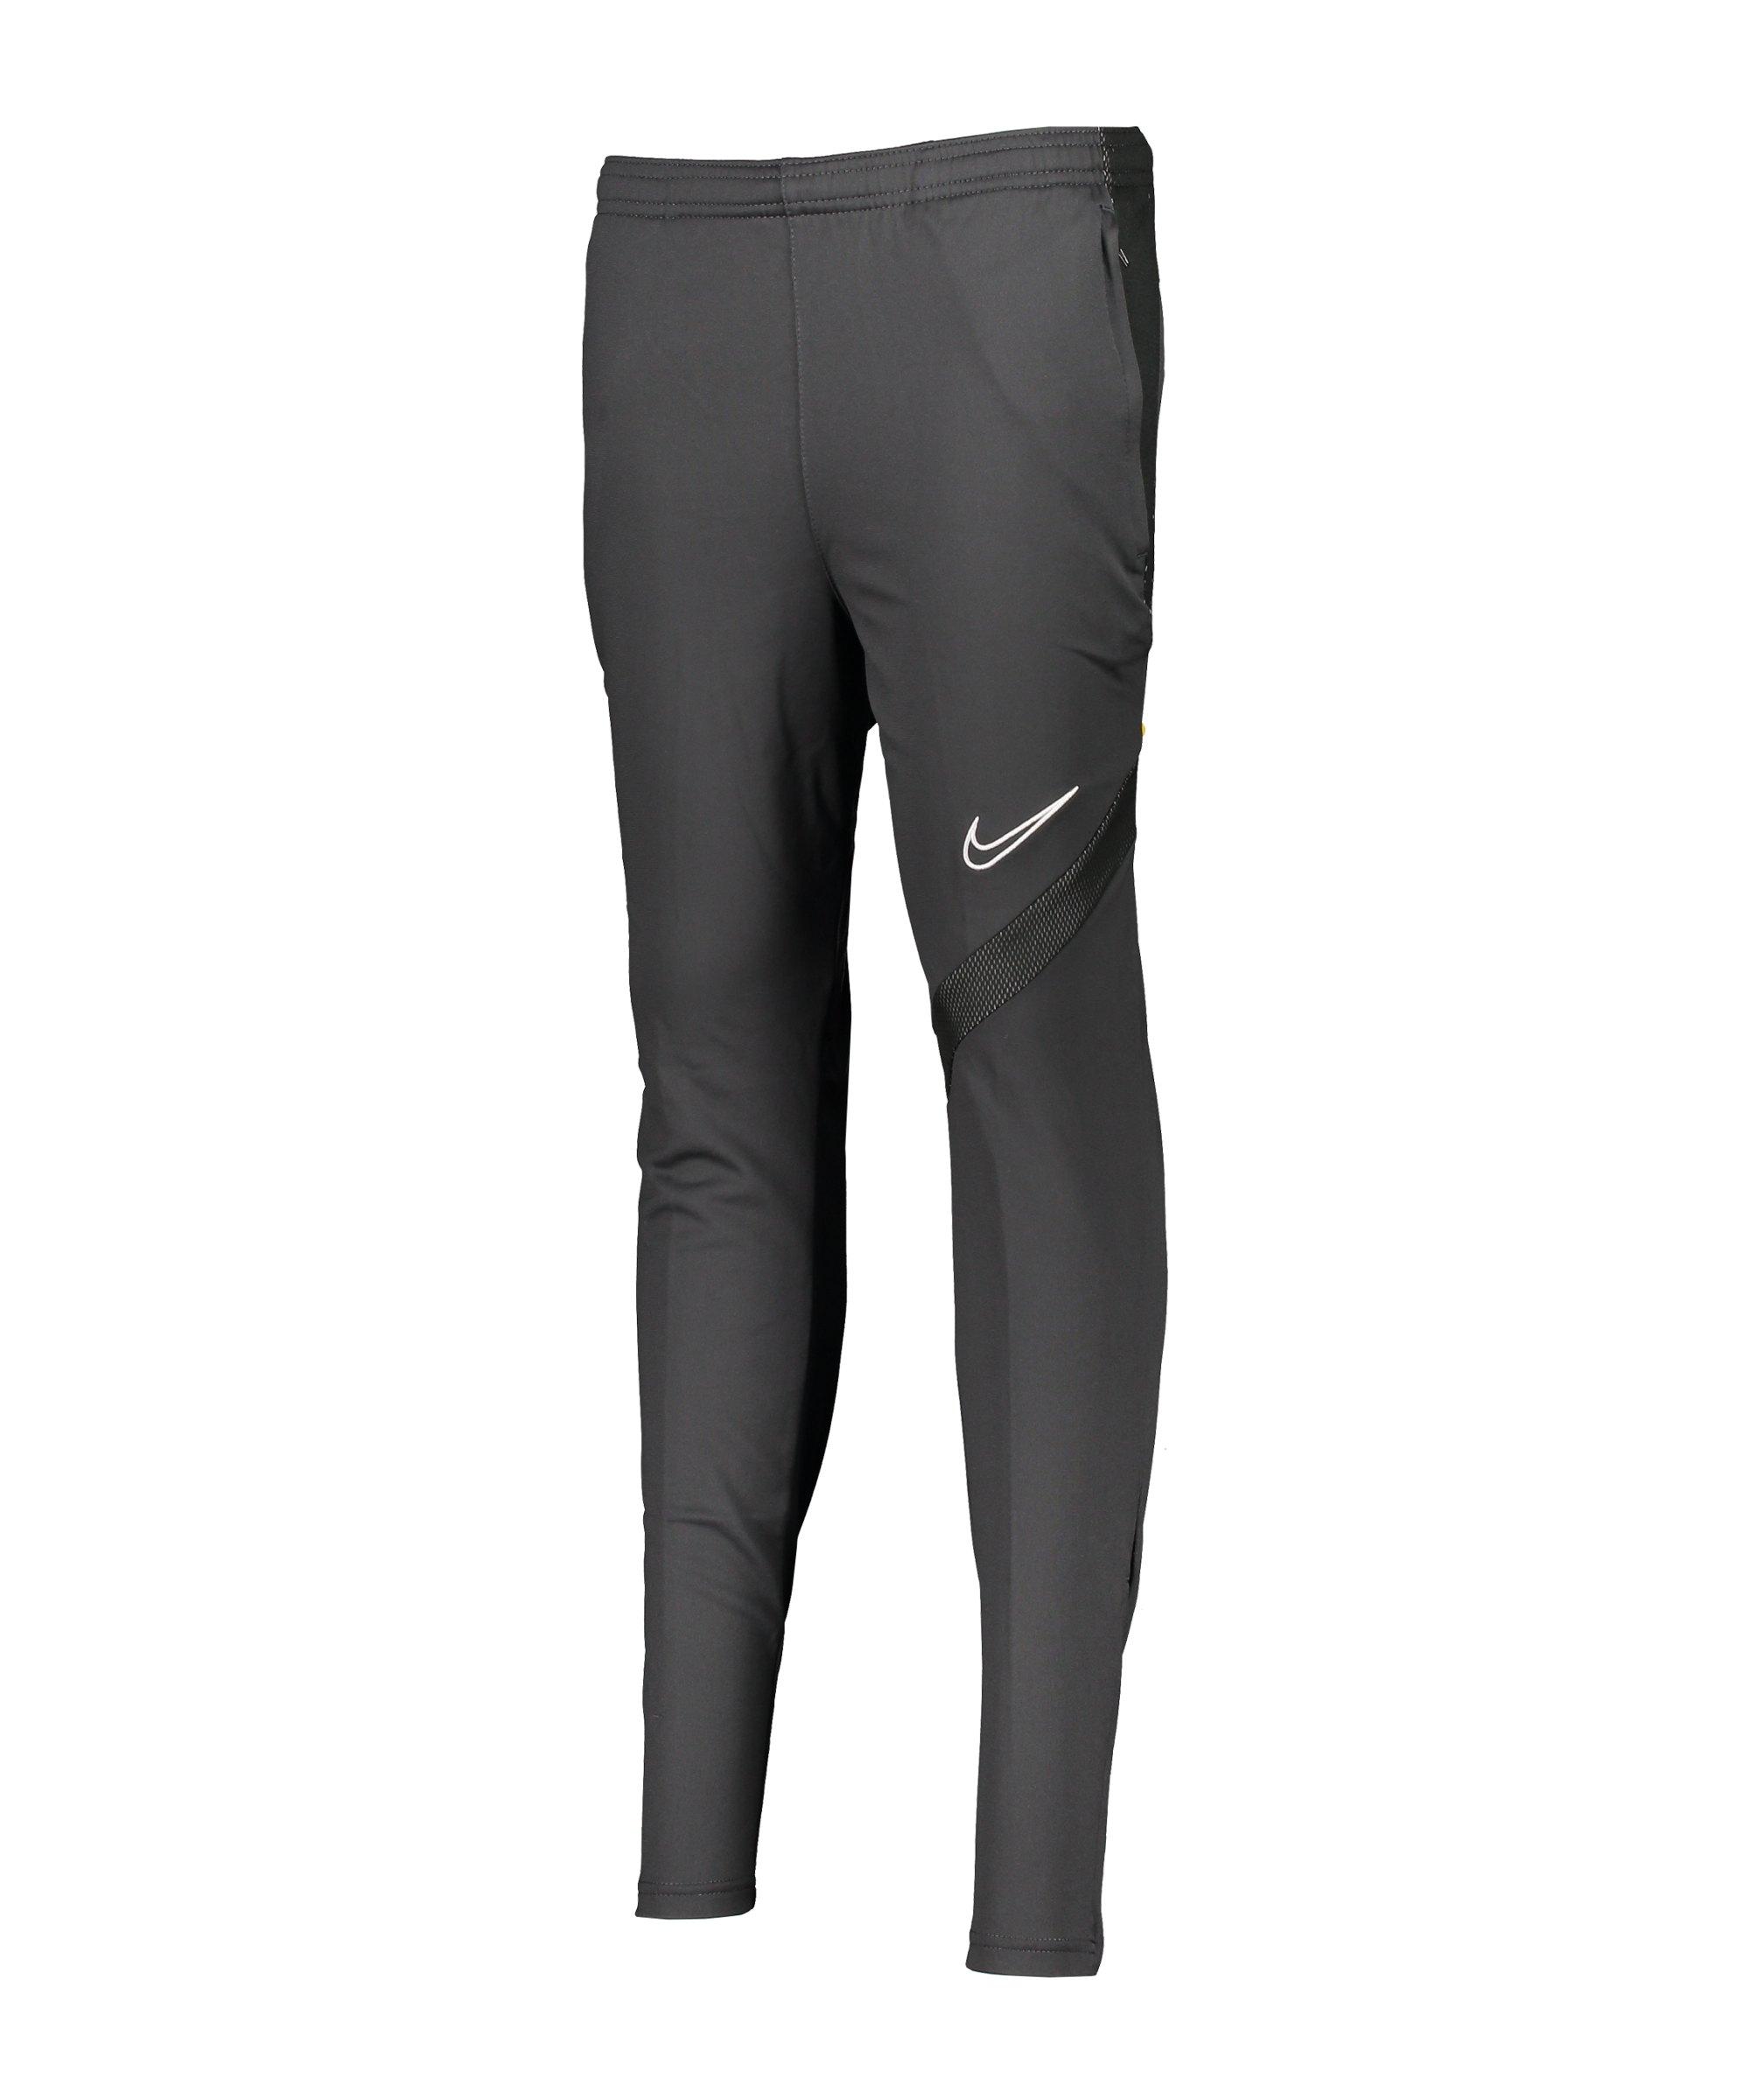 Nike Academy Pro Trainingshose Kids Grau F064 - grau